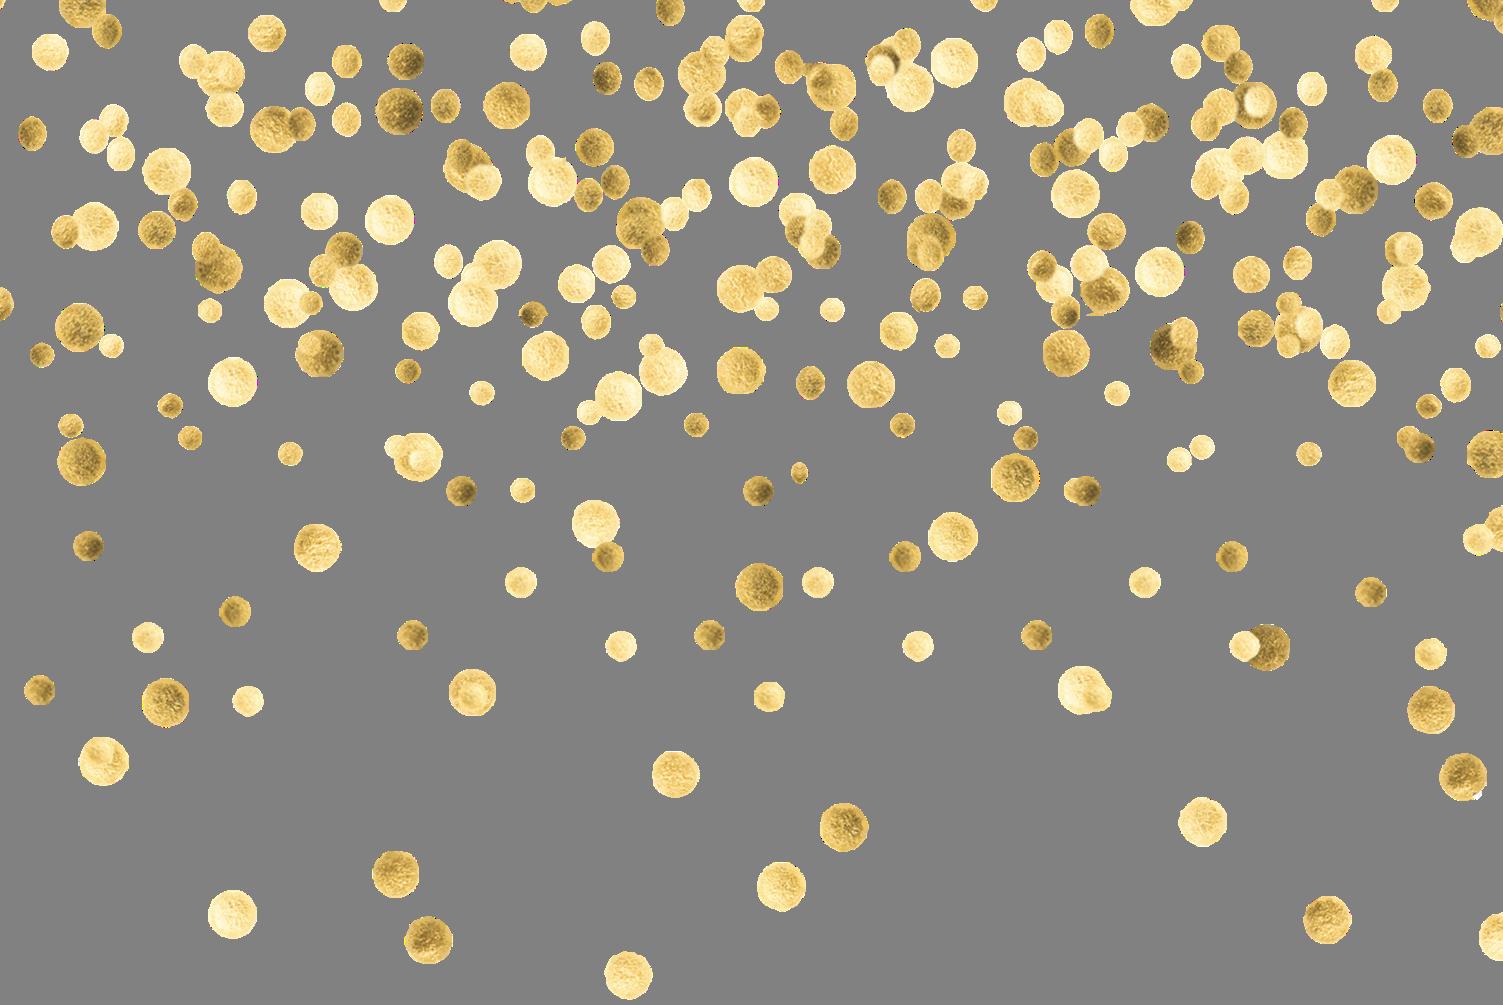 Confetti png image #39082.